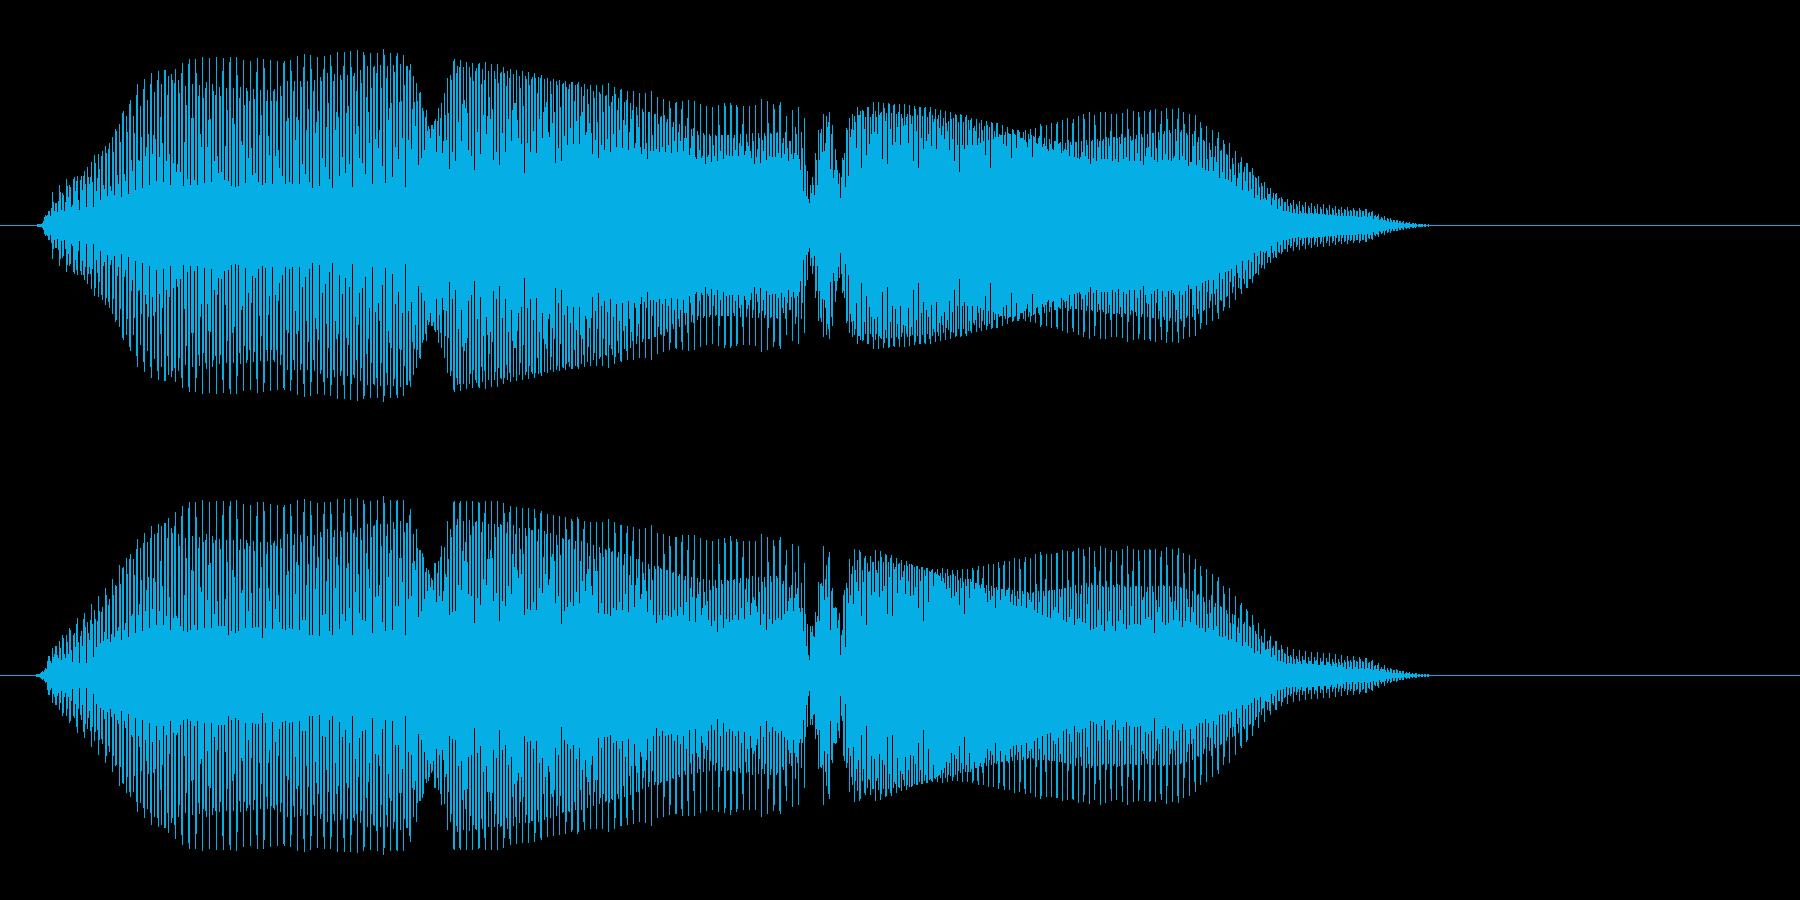 プゥーアァツ(力が抜けるような音)の再生済みの波形